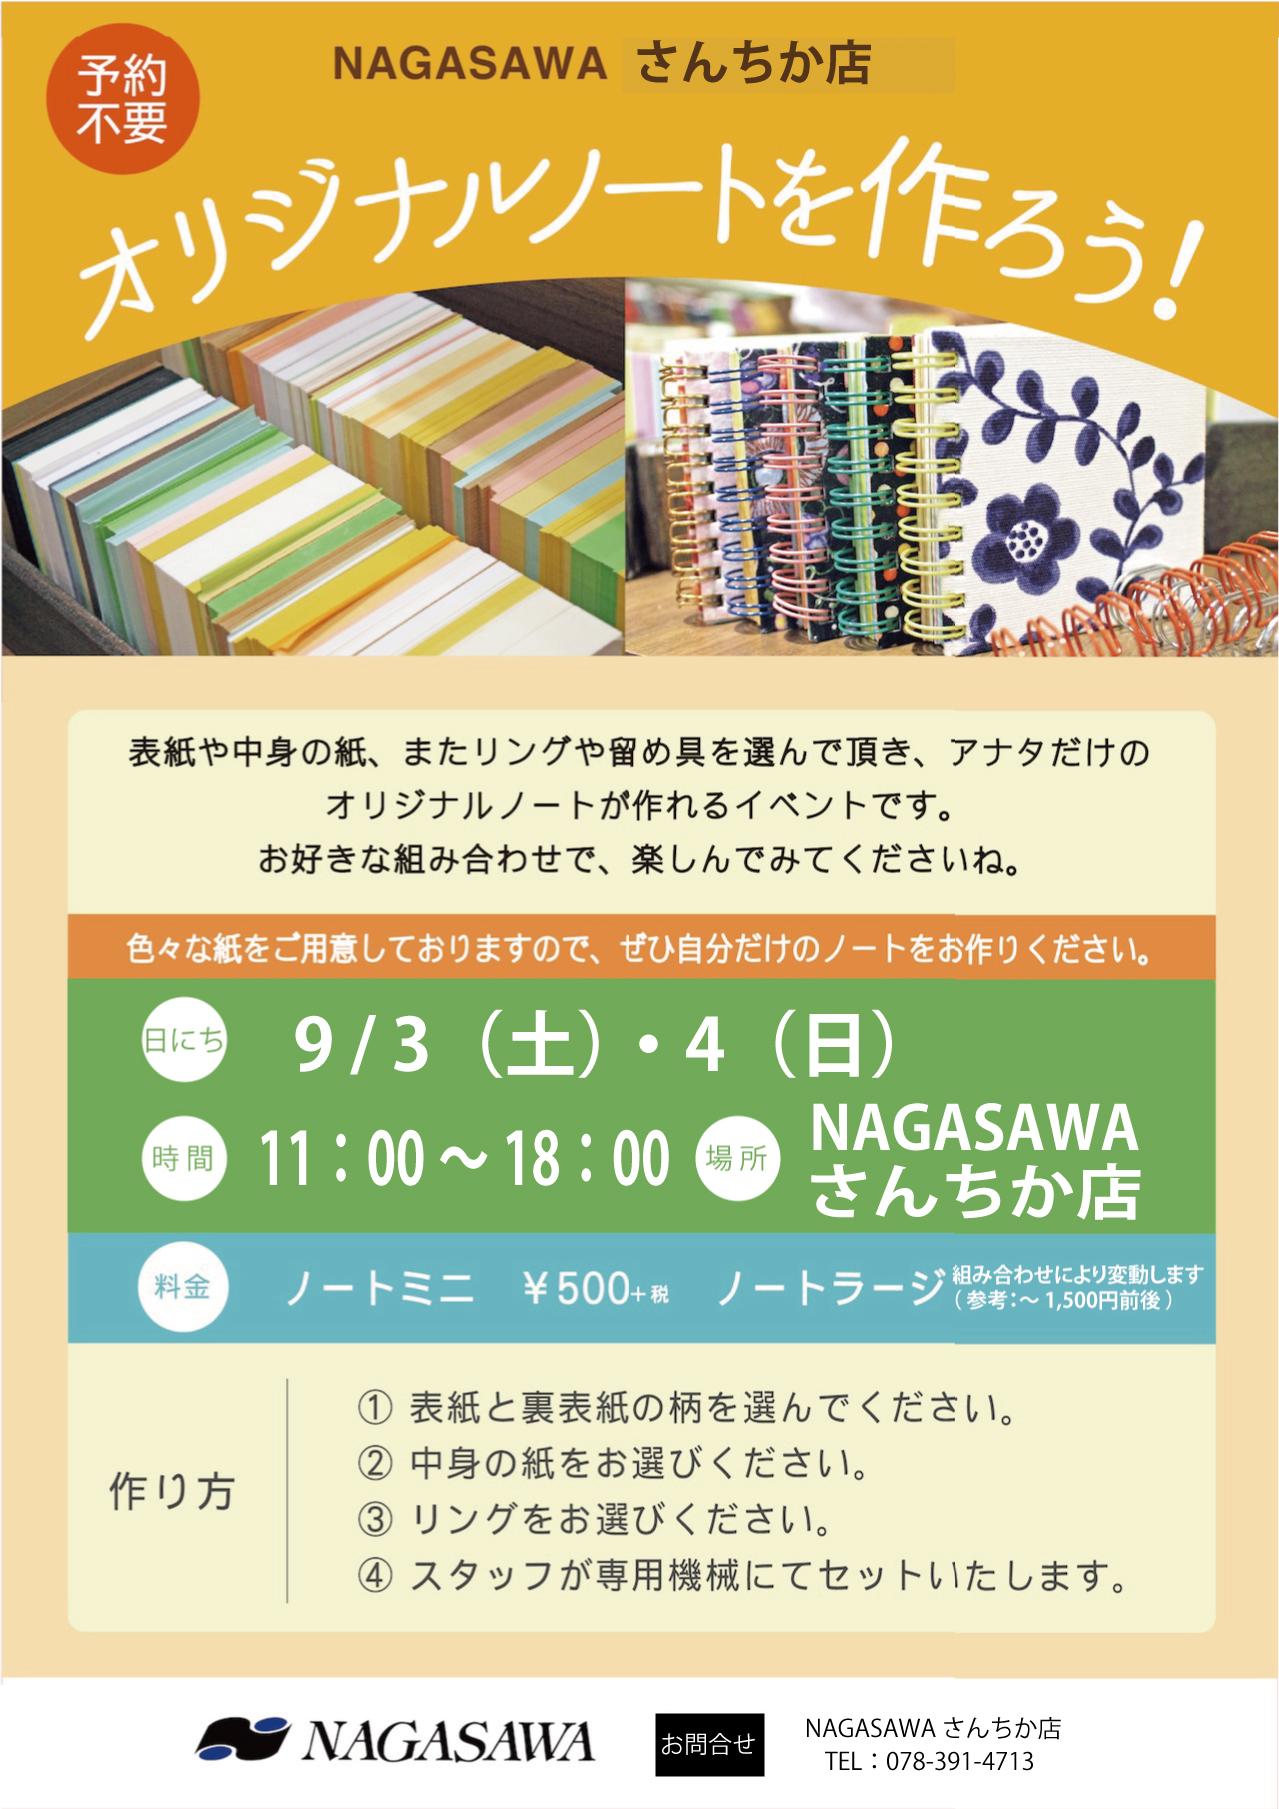 オリジナルノートを作ろう@NAGASAWAさんちか店